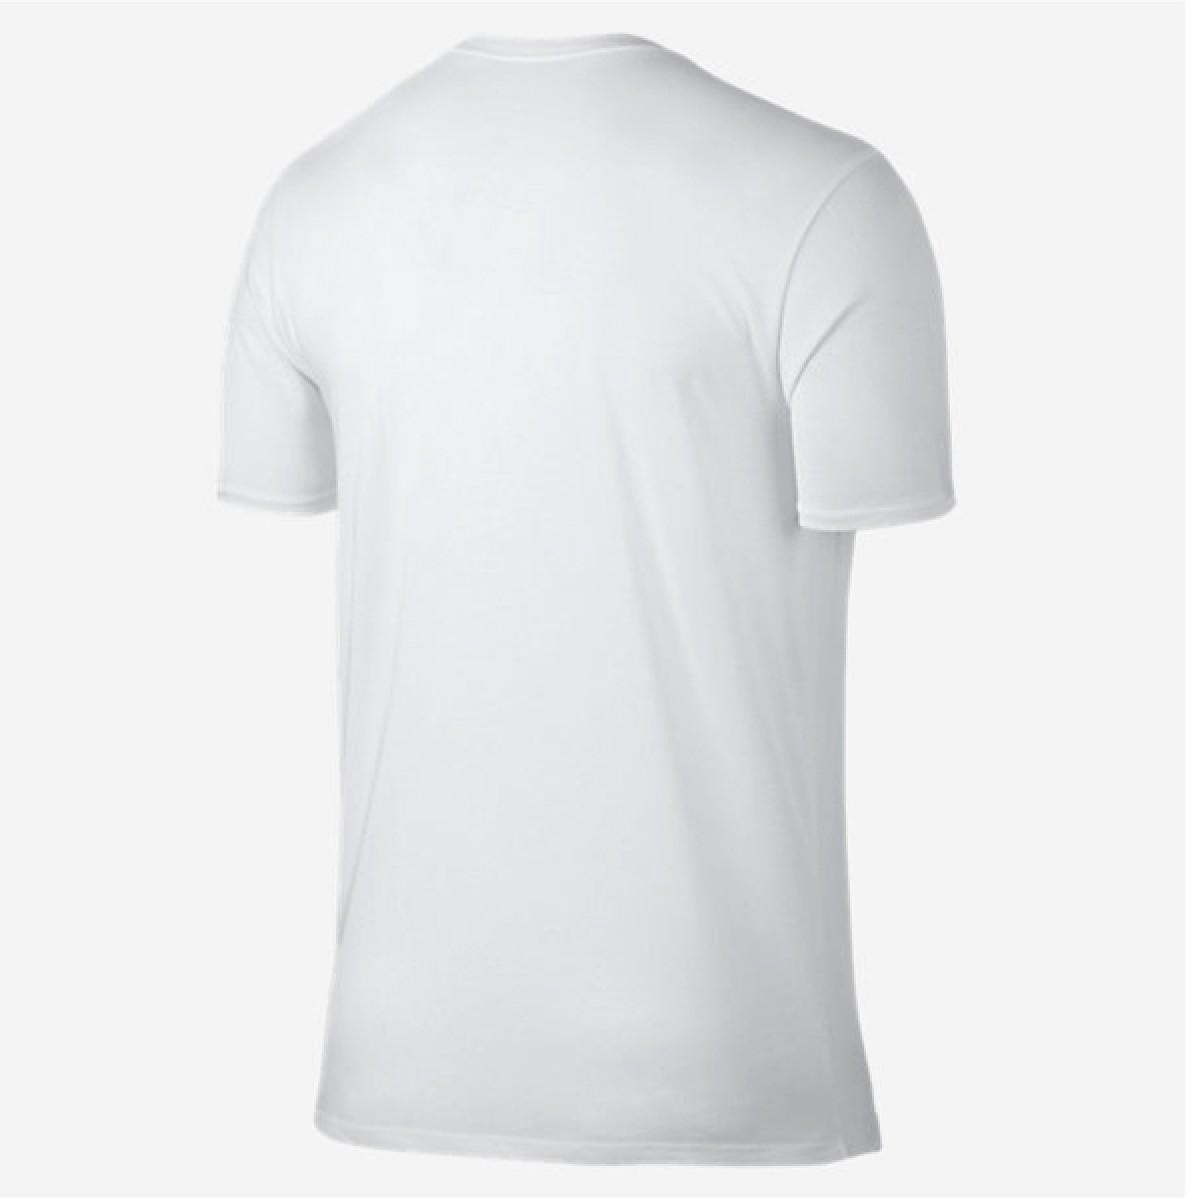 Jordan Dry 23 Air T-Shirt 'White' 843130-100